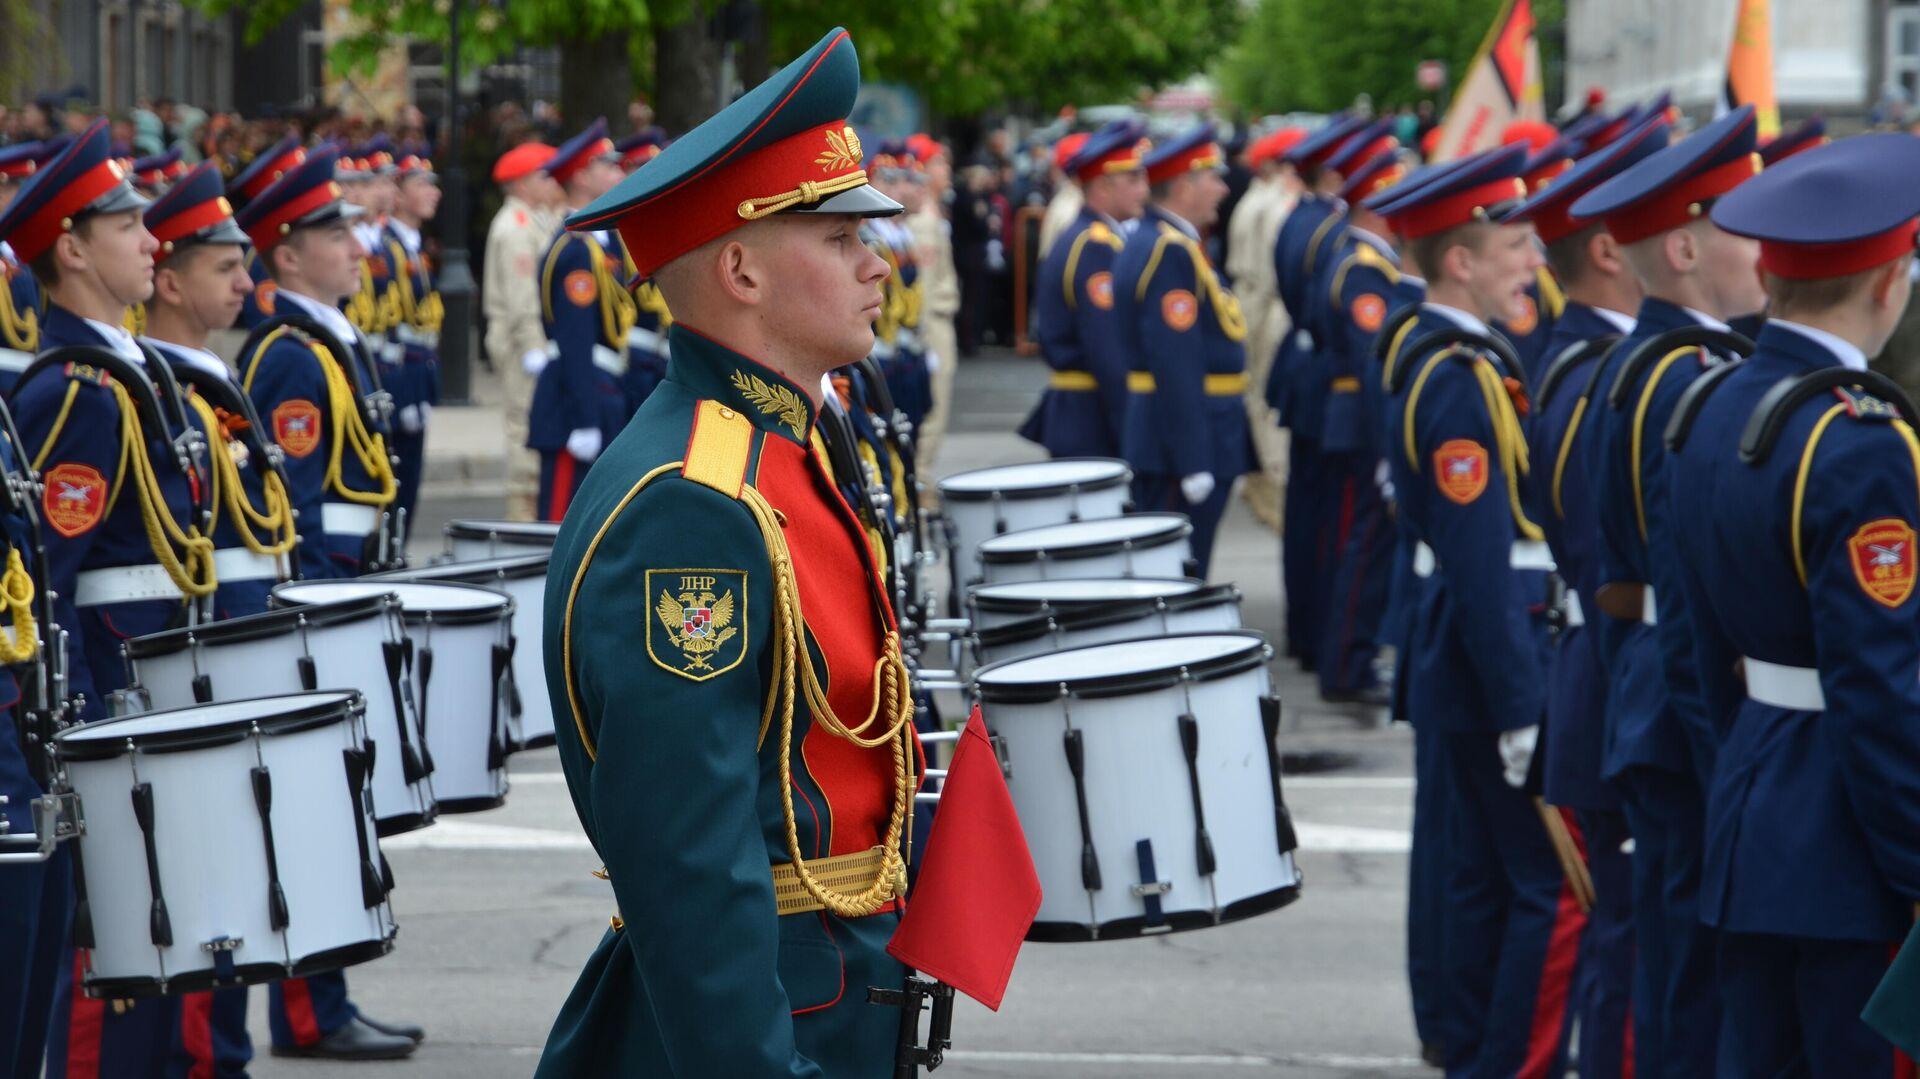 Парад в честь 76-й годовщины Победы в Великой Отечественной войне в Луганске - РИА Новости, 1920, 12.05.2021